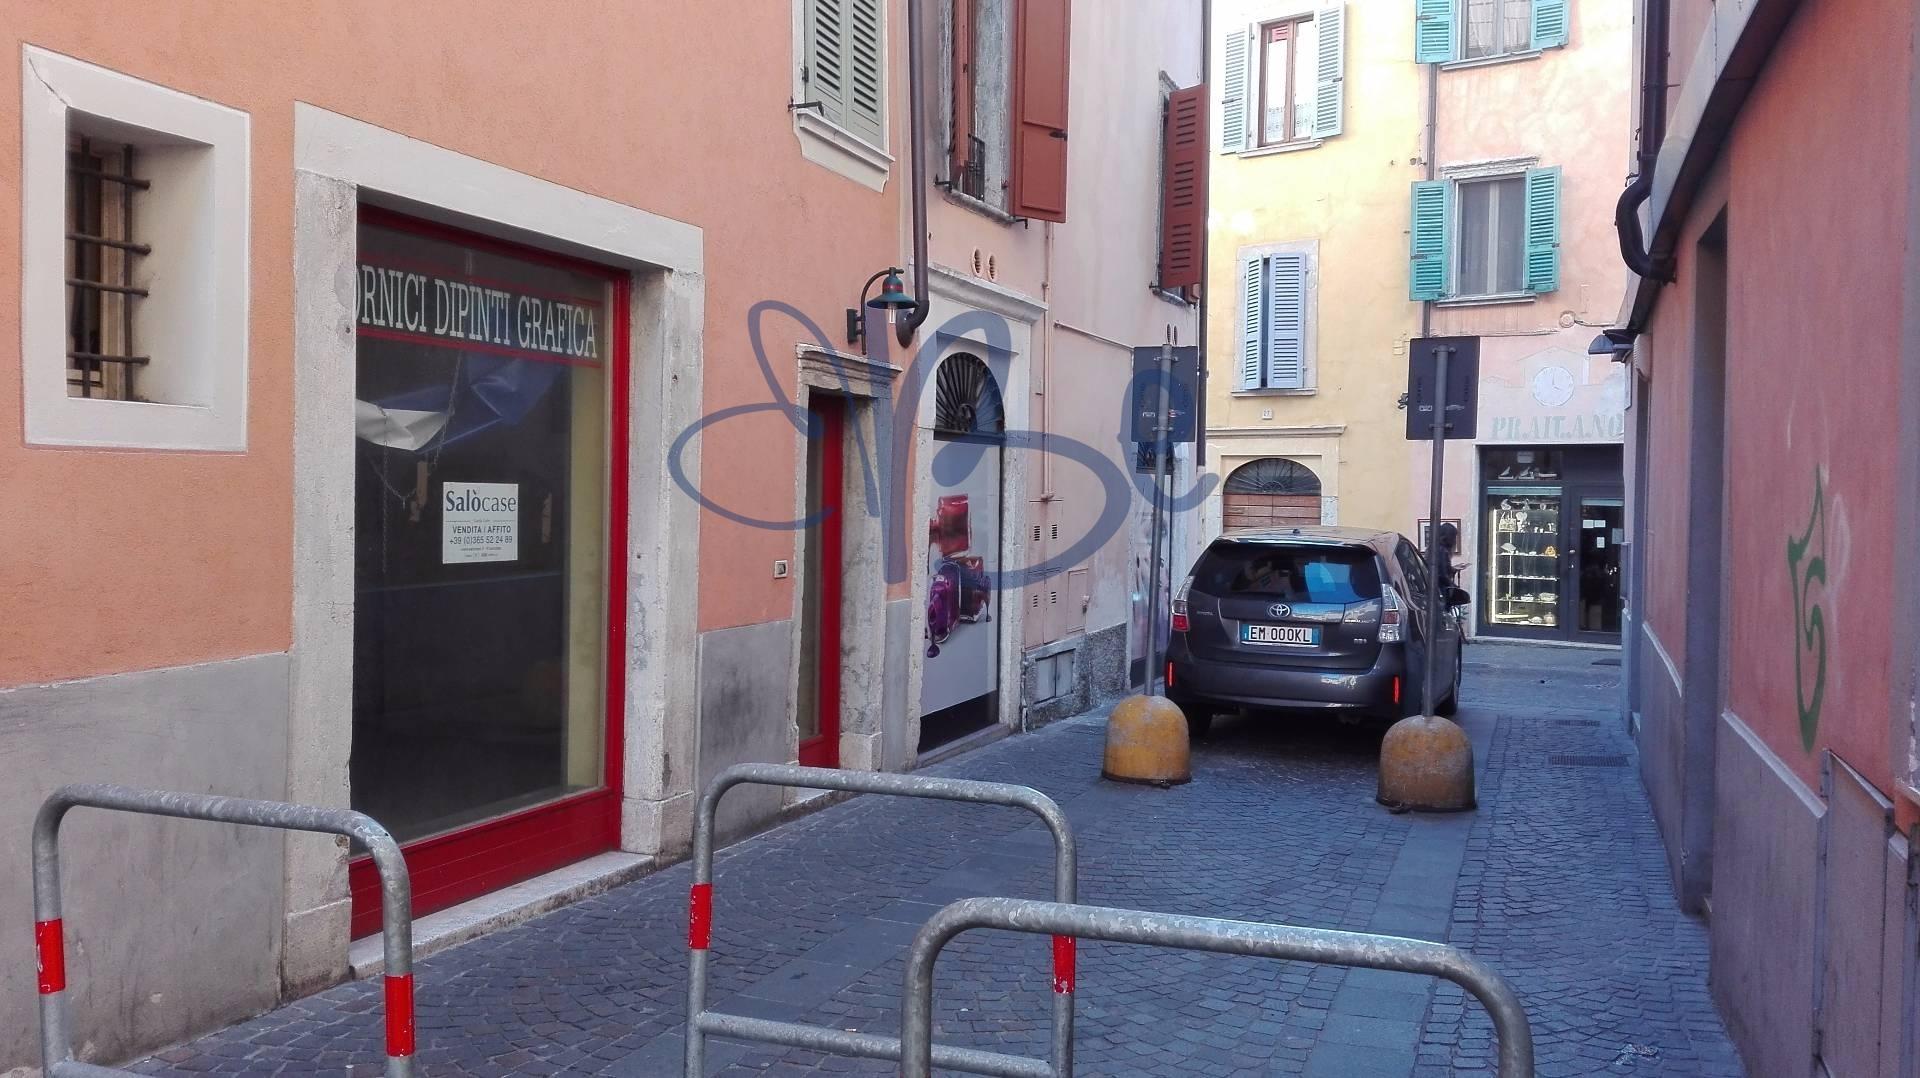 Negozio / Locale in affitto a Salò, 9999 locali, zona Località: Salò-Centro, prezzo € 450 | CambioCasa.it